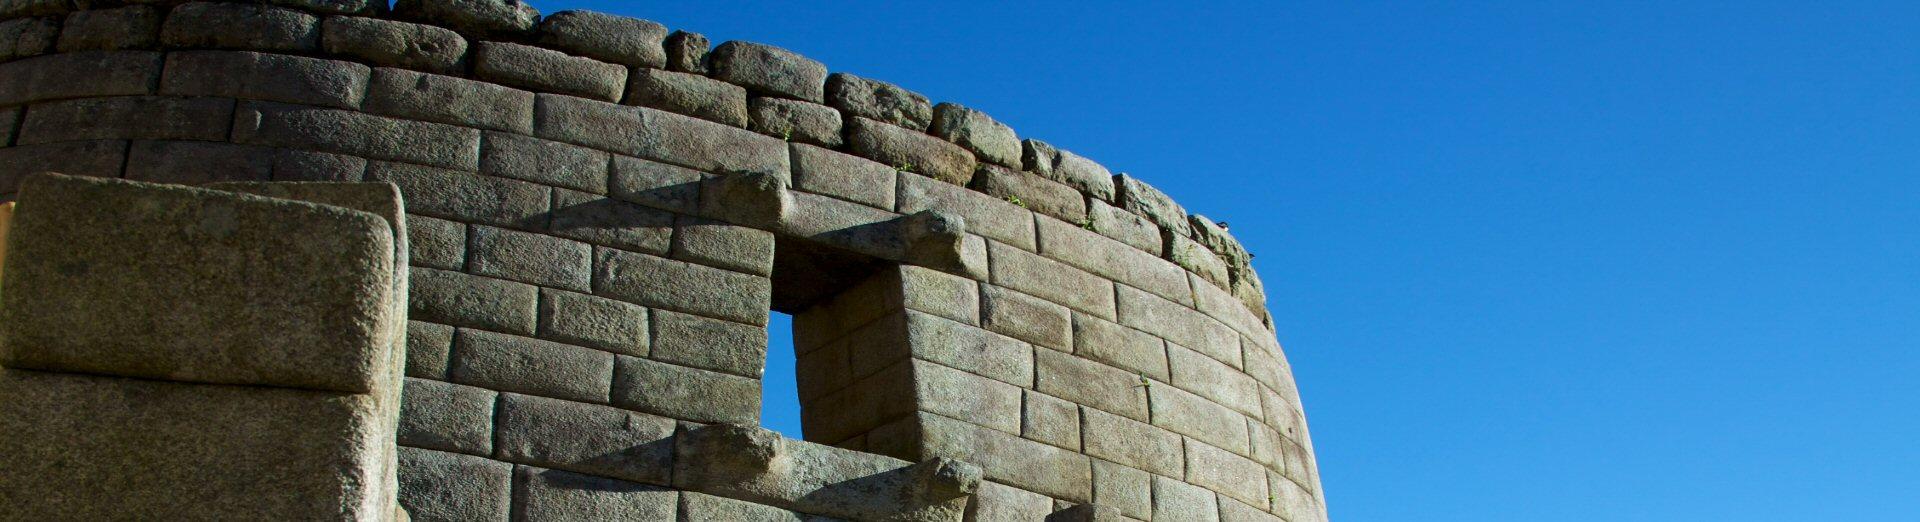 99-archeoastronomia americhe